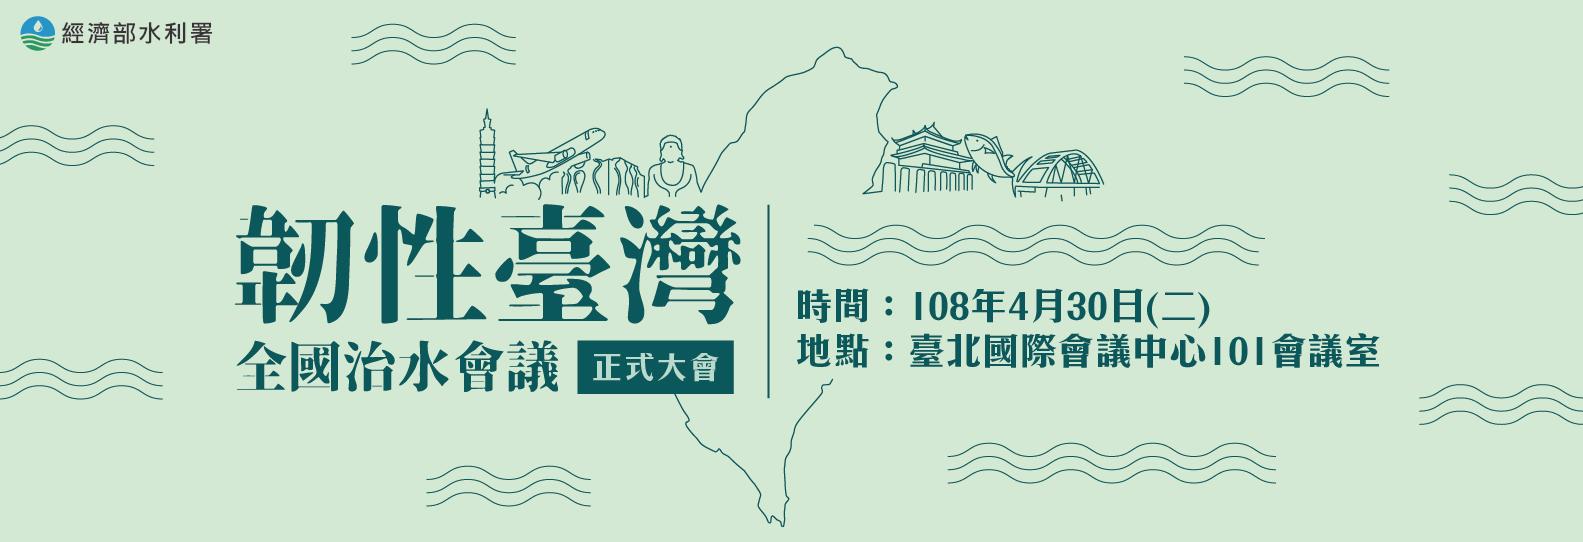 「韌性臺灣-全國治水會議」